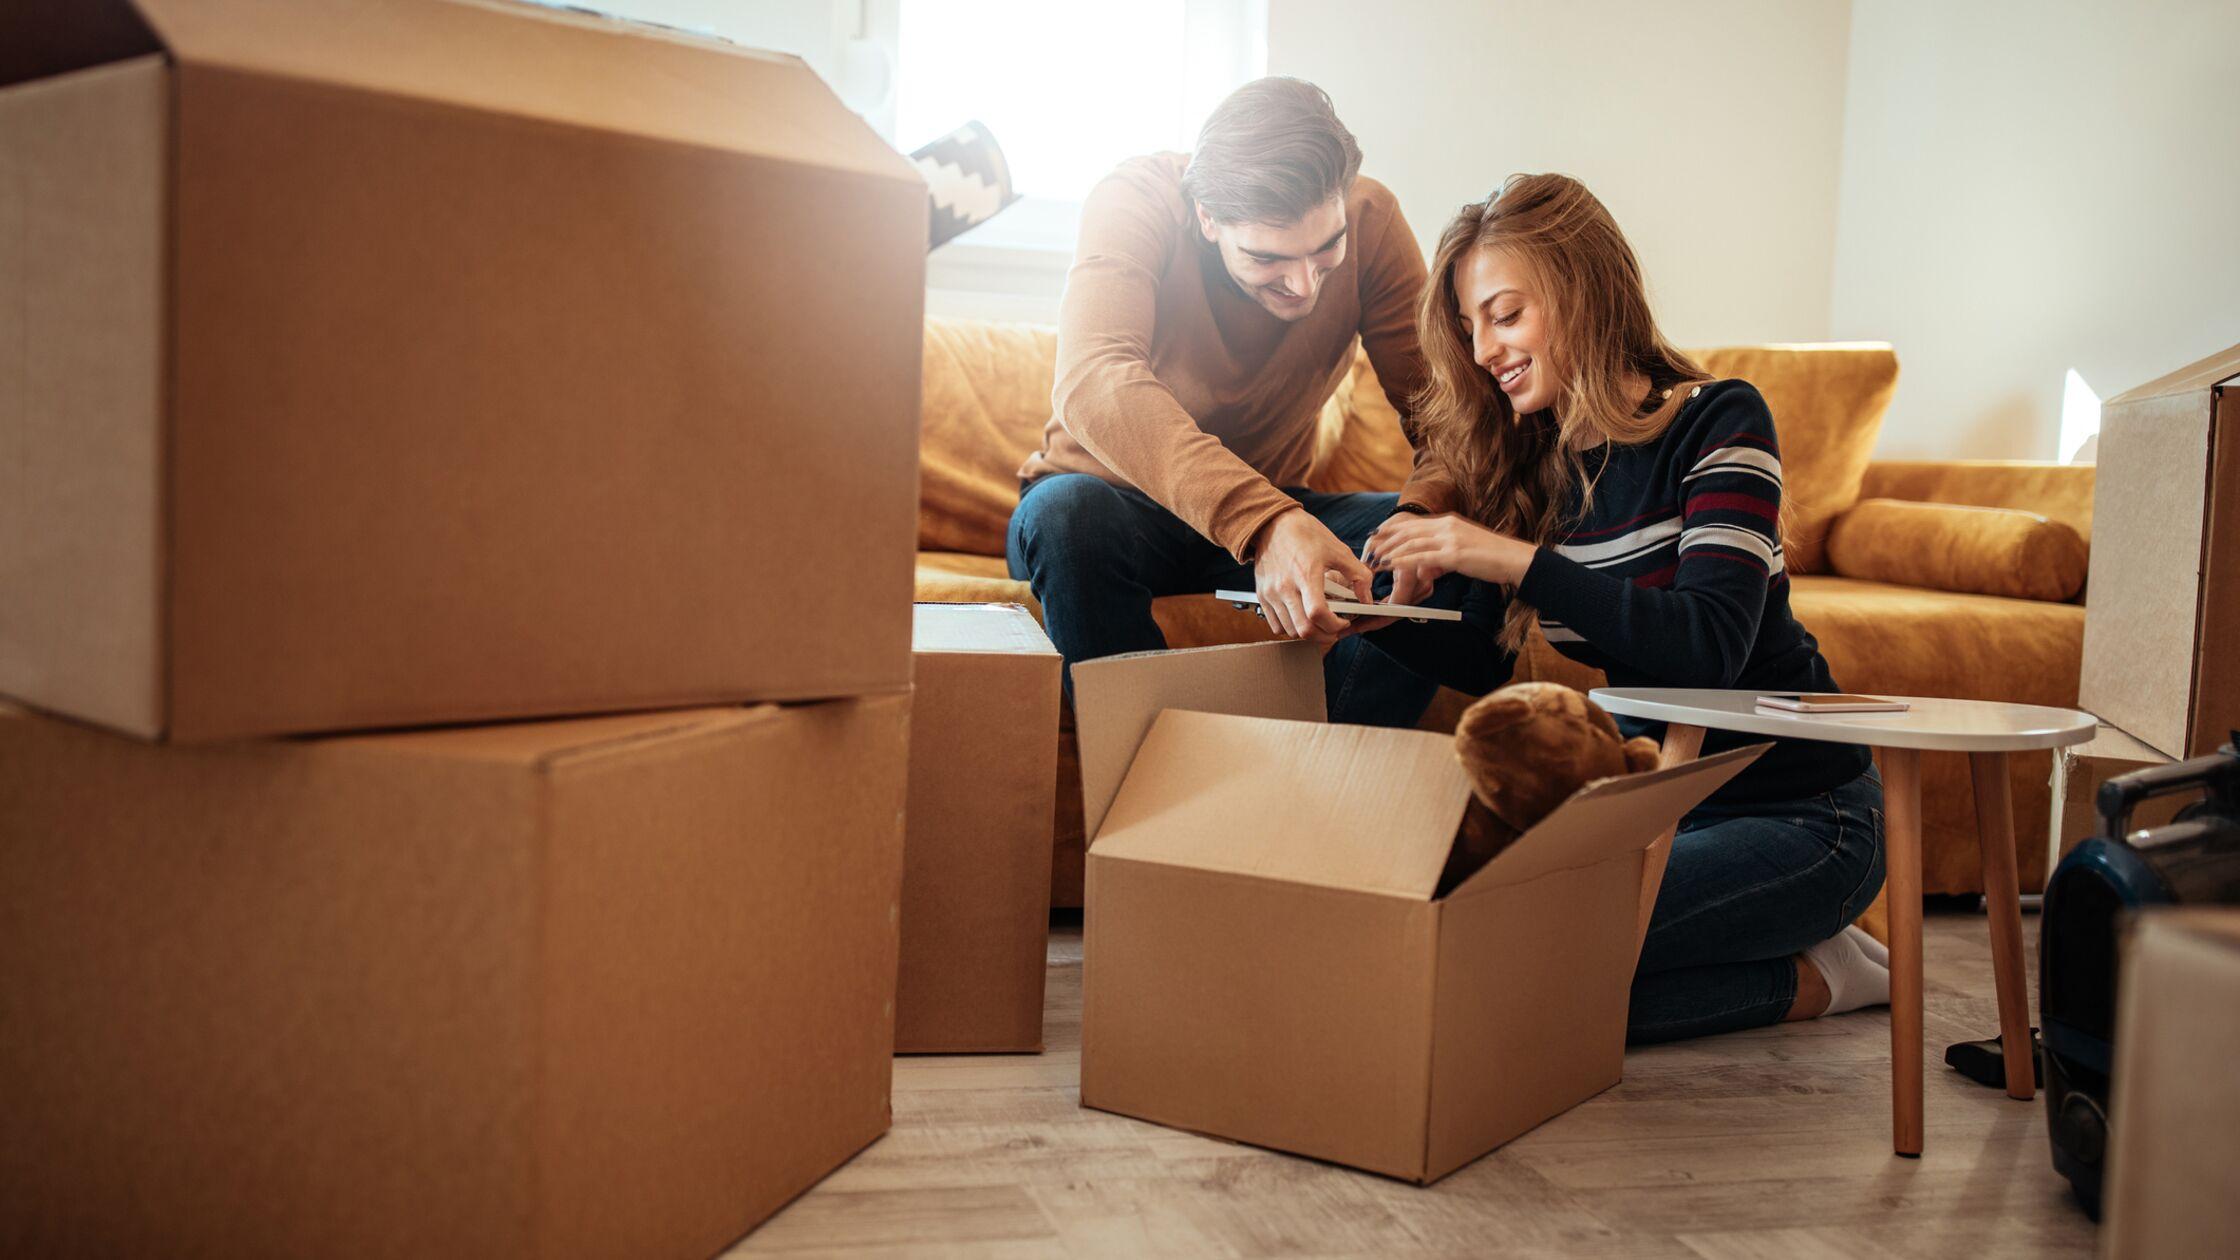 Mann und Frau machen eine Checkliste